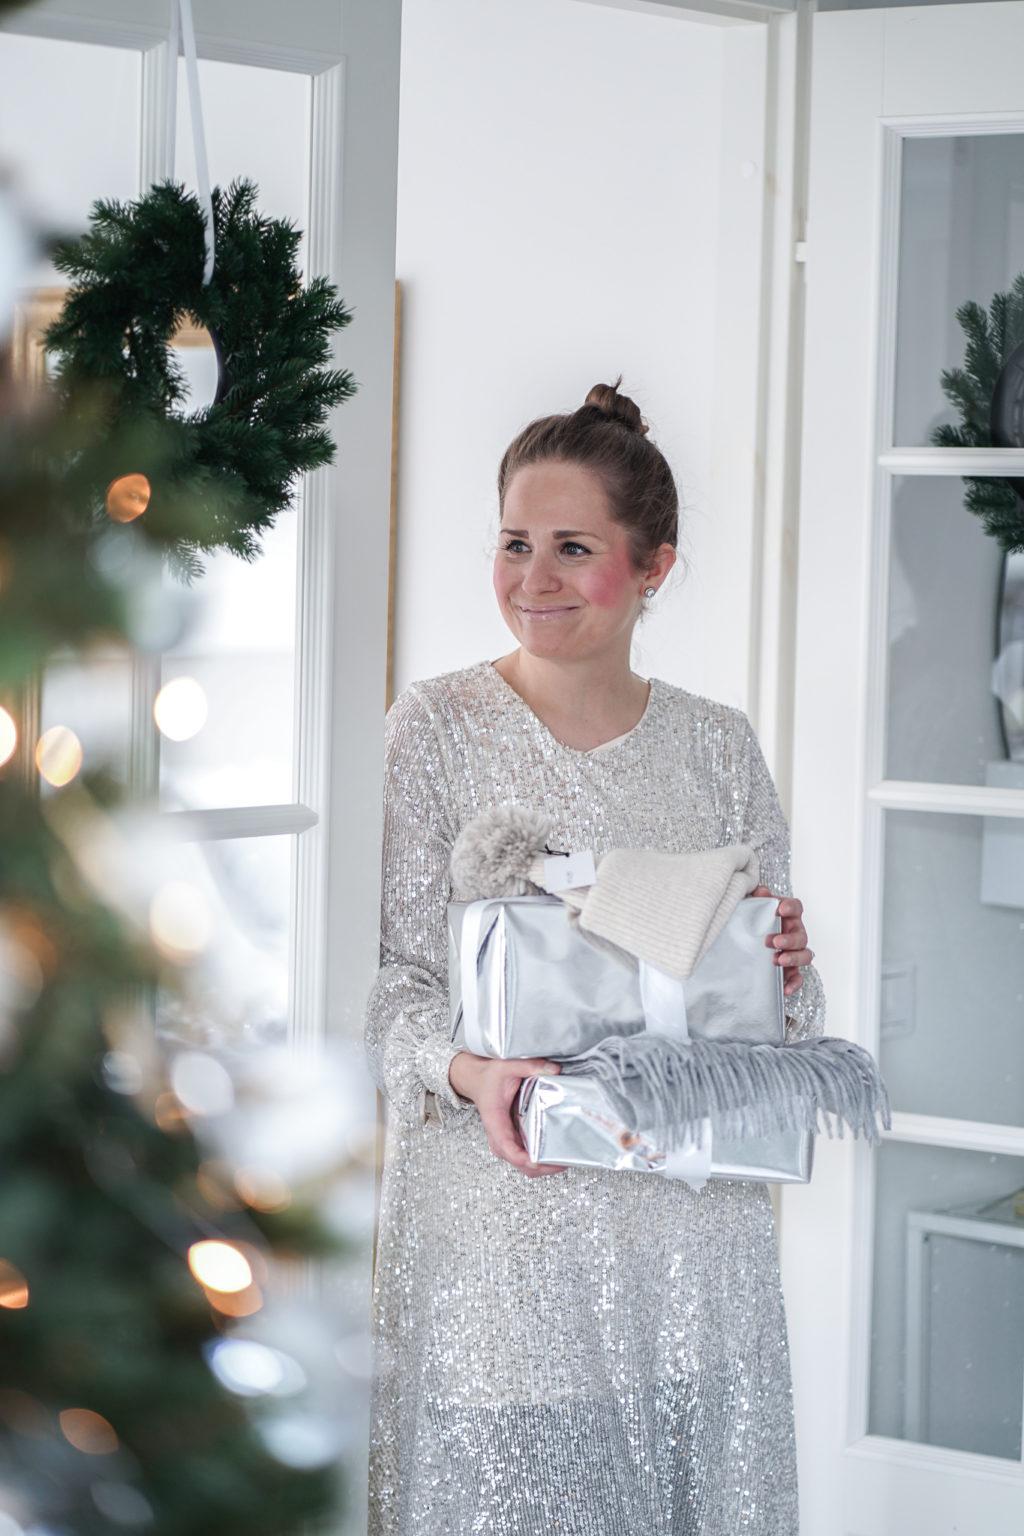 Joululahjaideoita naiselle laatu enemmän kuin määrä edellä